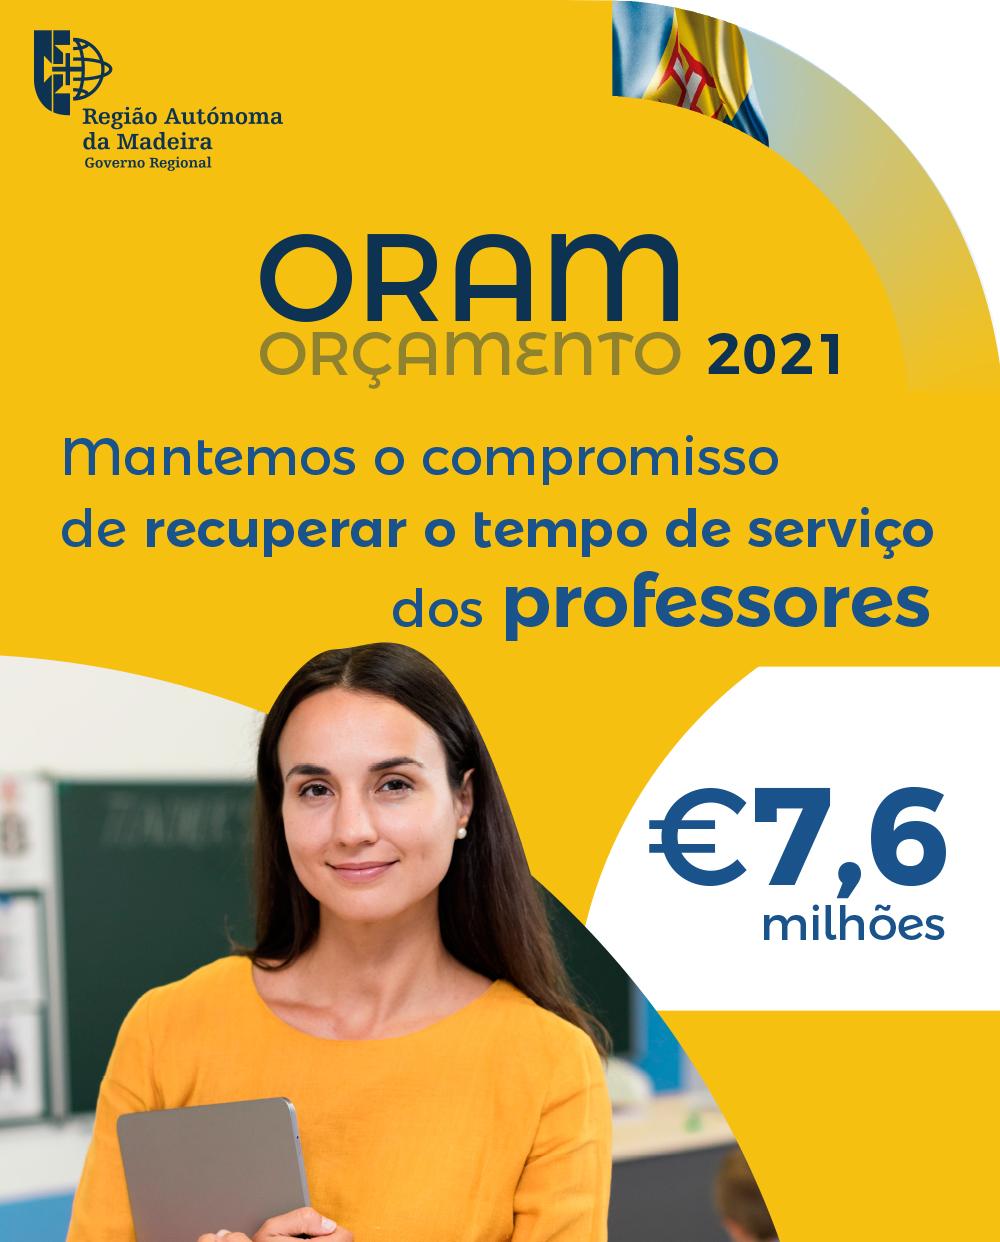 Orçamento da RAM 2021